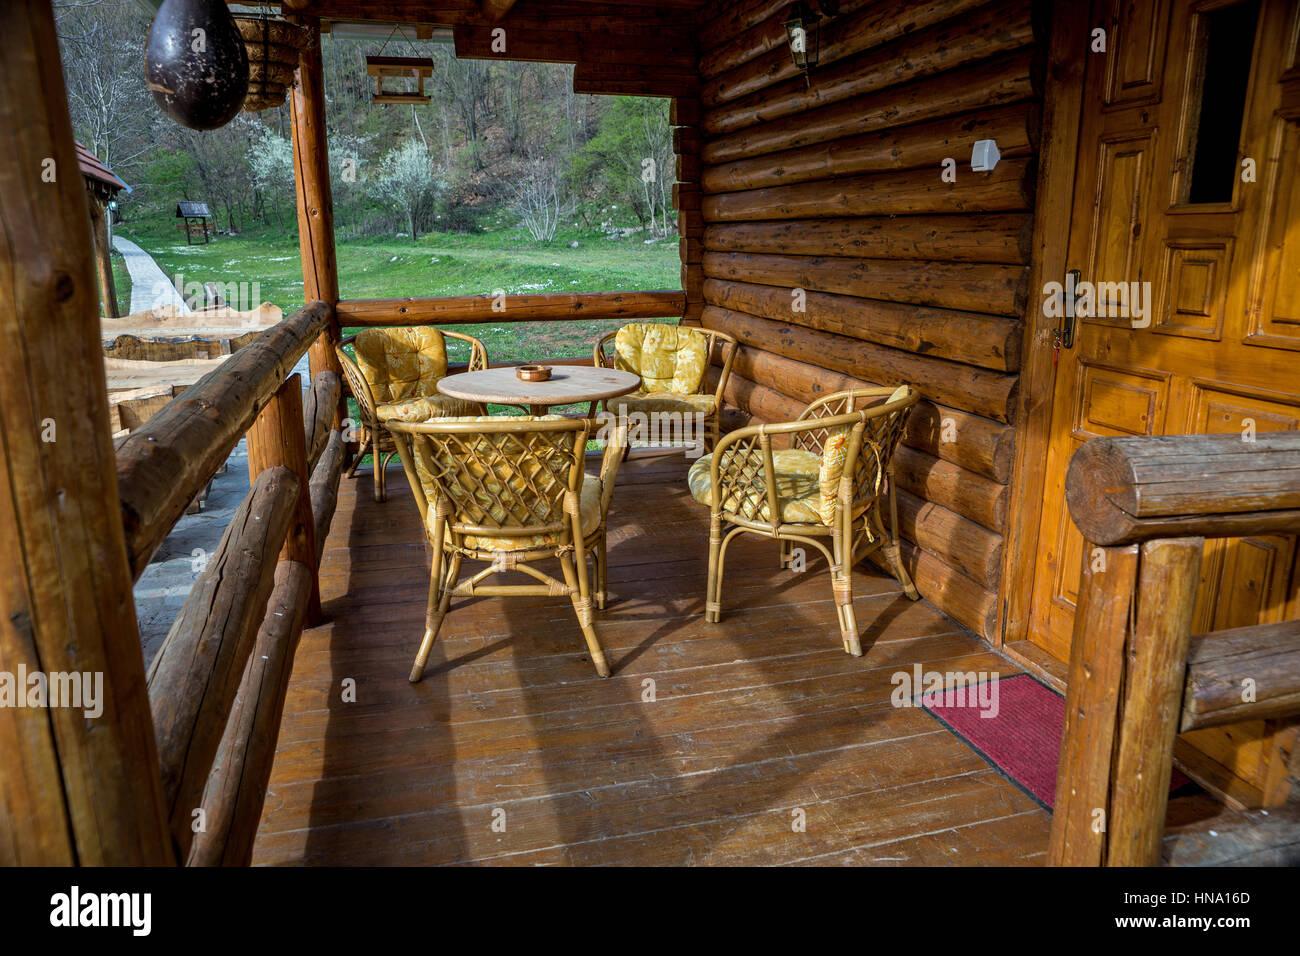 Case Con Tronchi Di Legno : Scala di legno per interni con un tronco di albero bcasa